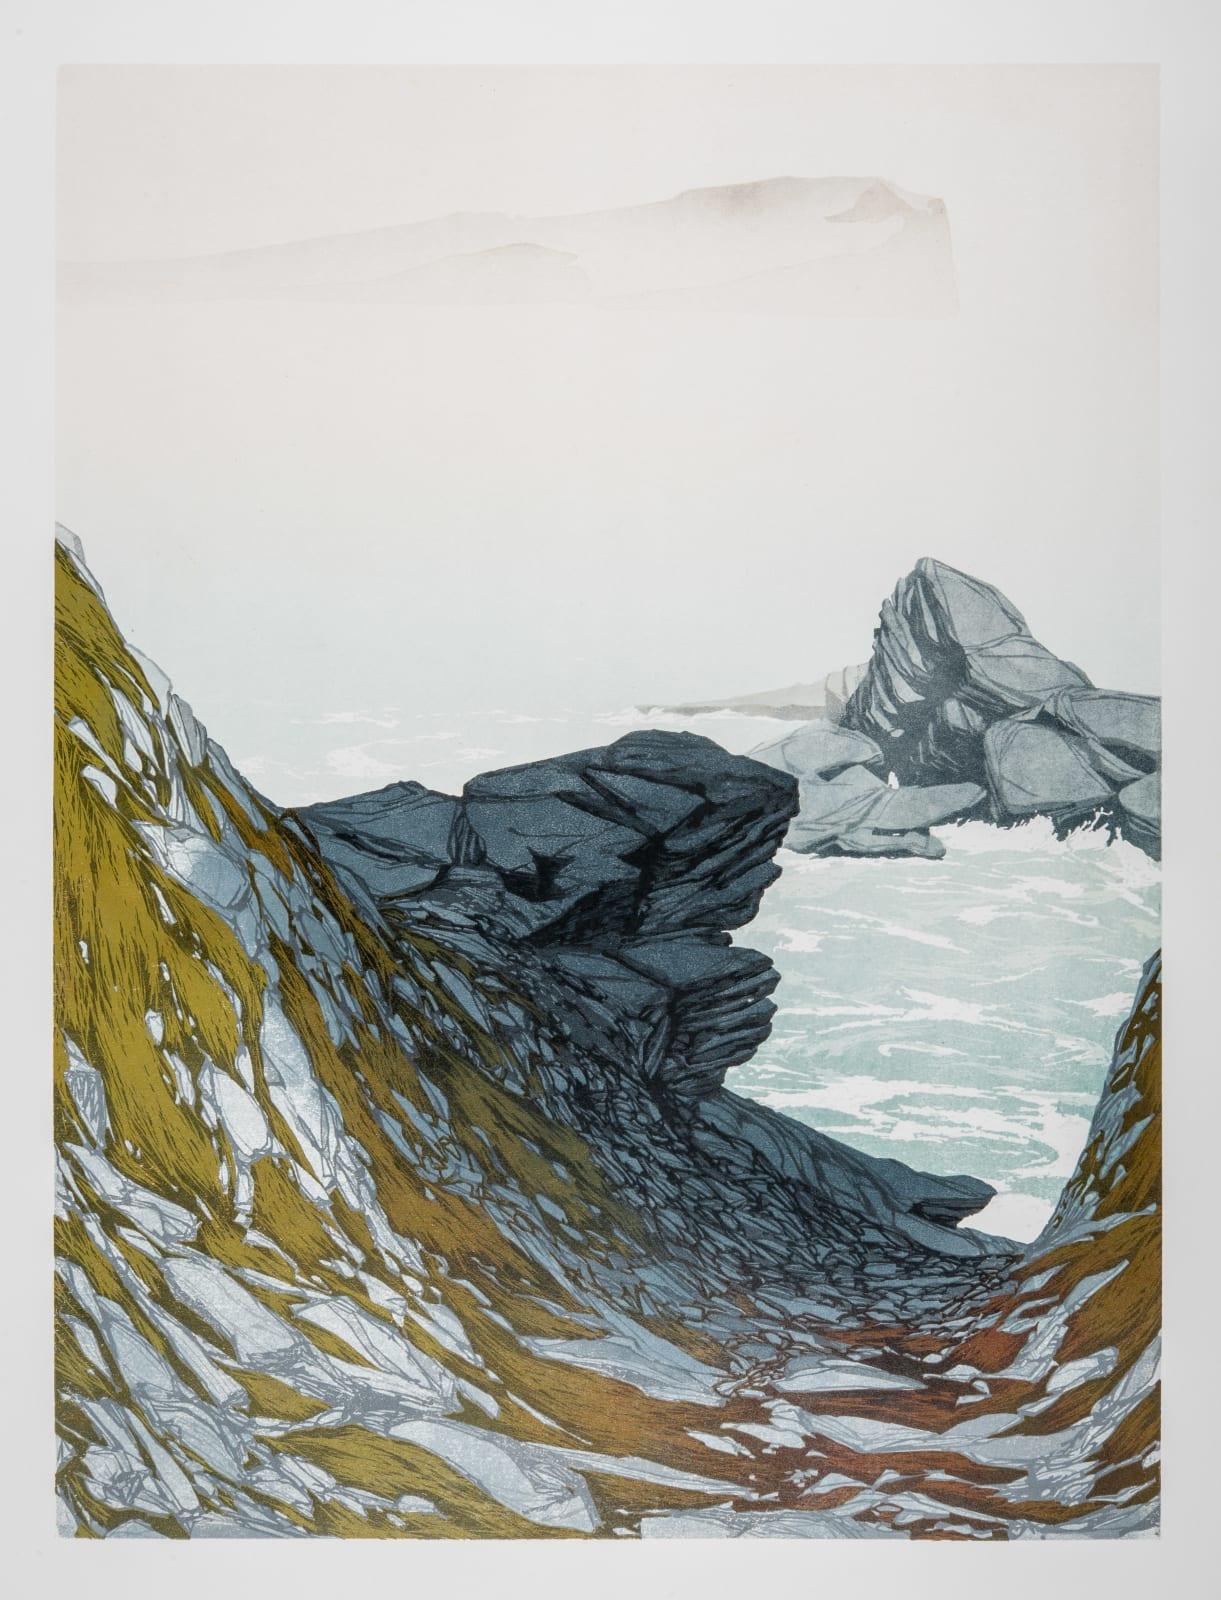 Laura Boswell, Skye Sea Mist, 2019